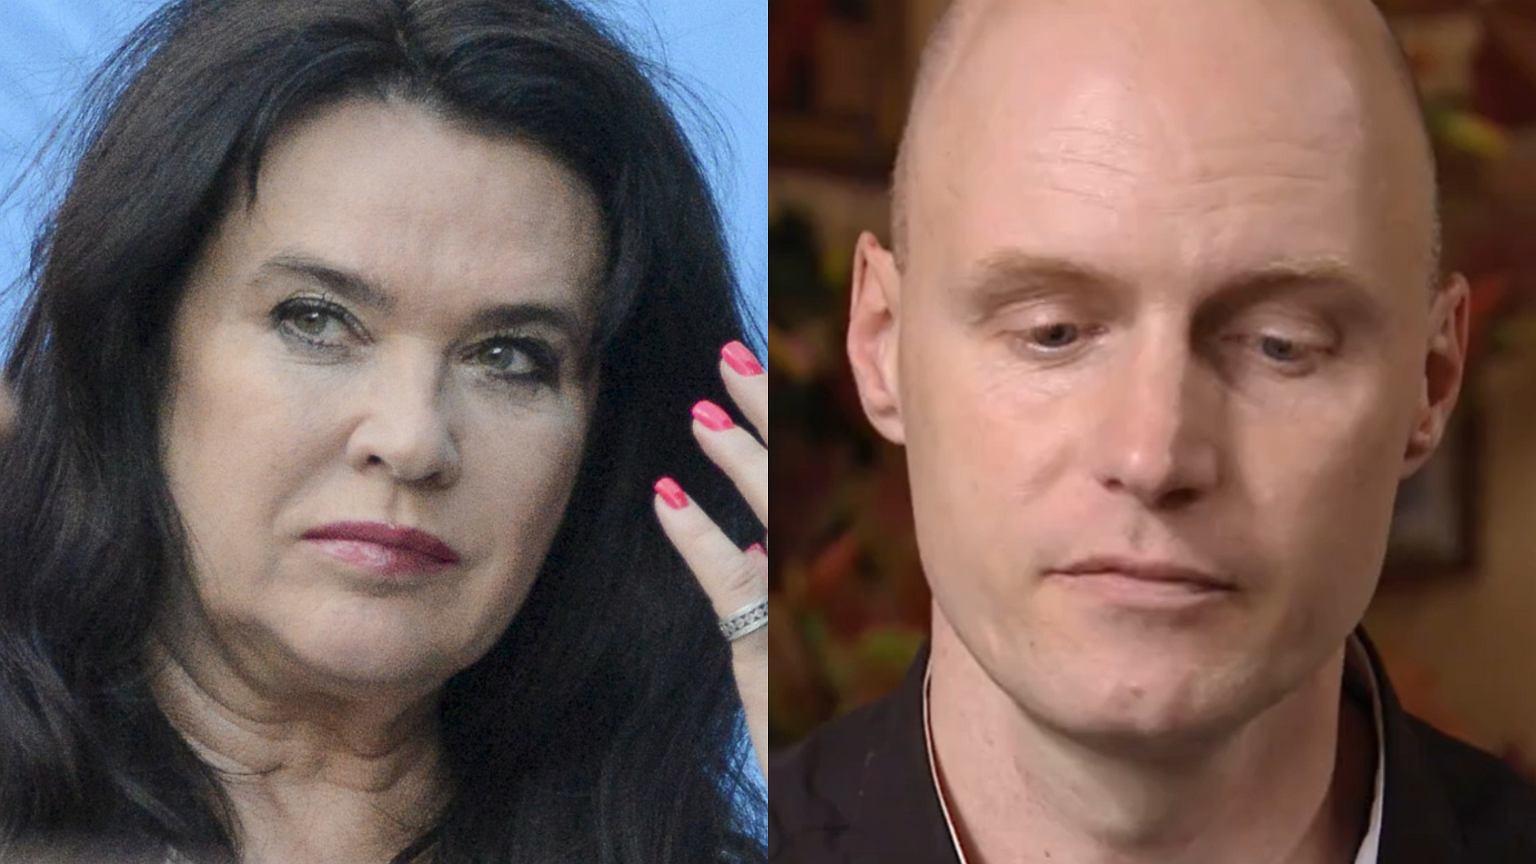 Ewa Krawczyk utrudniała kontakty męża z synem? Odniosła się do zarzutów pasierba.